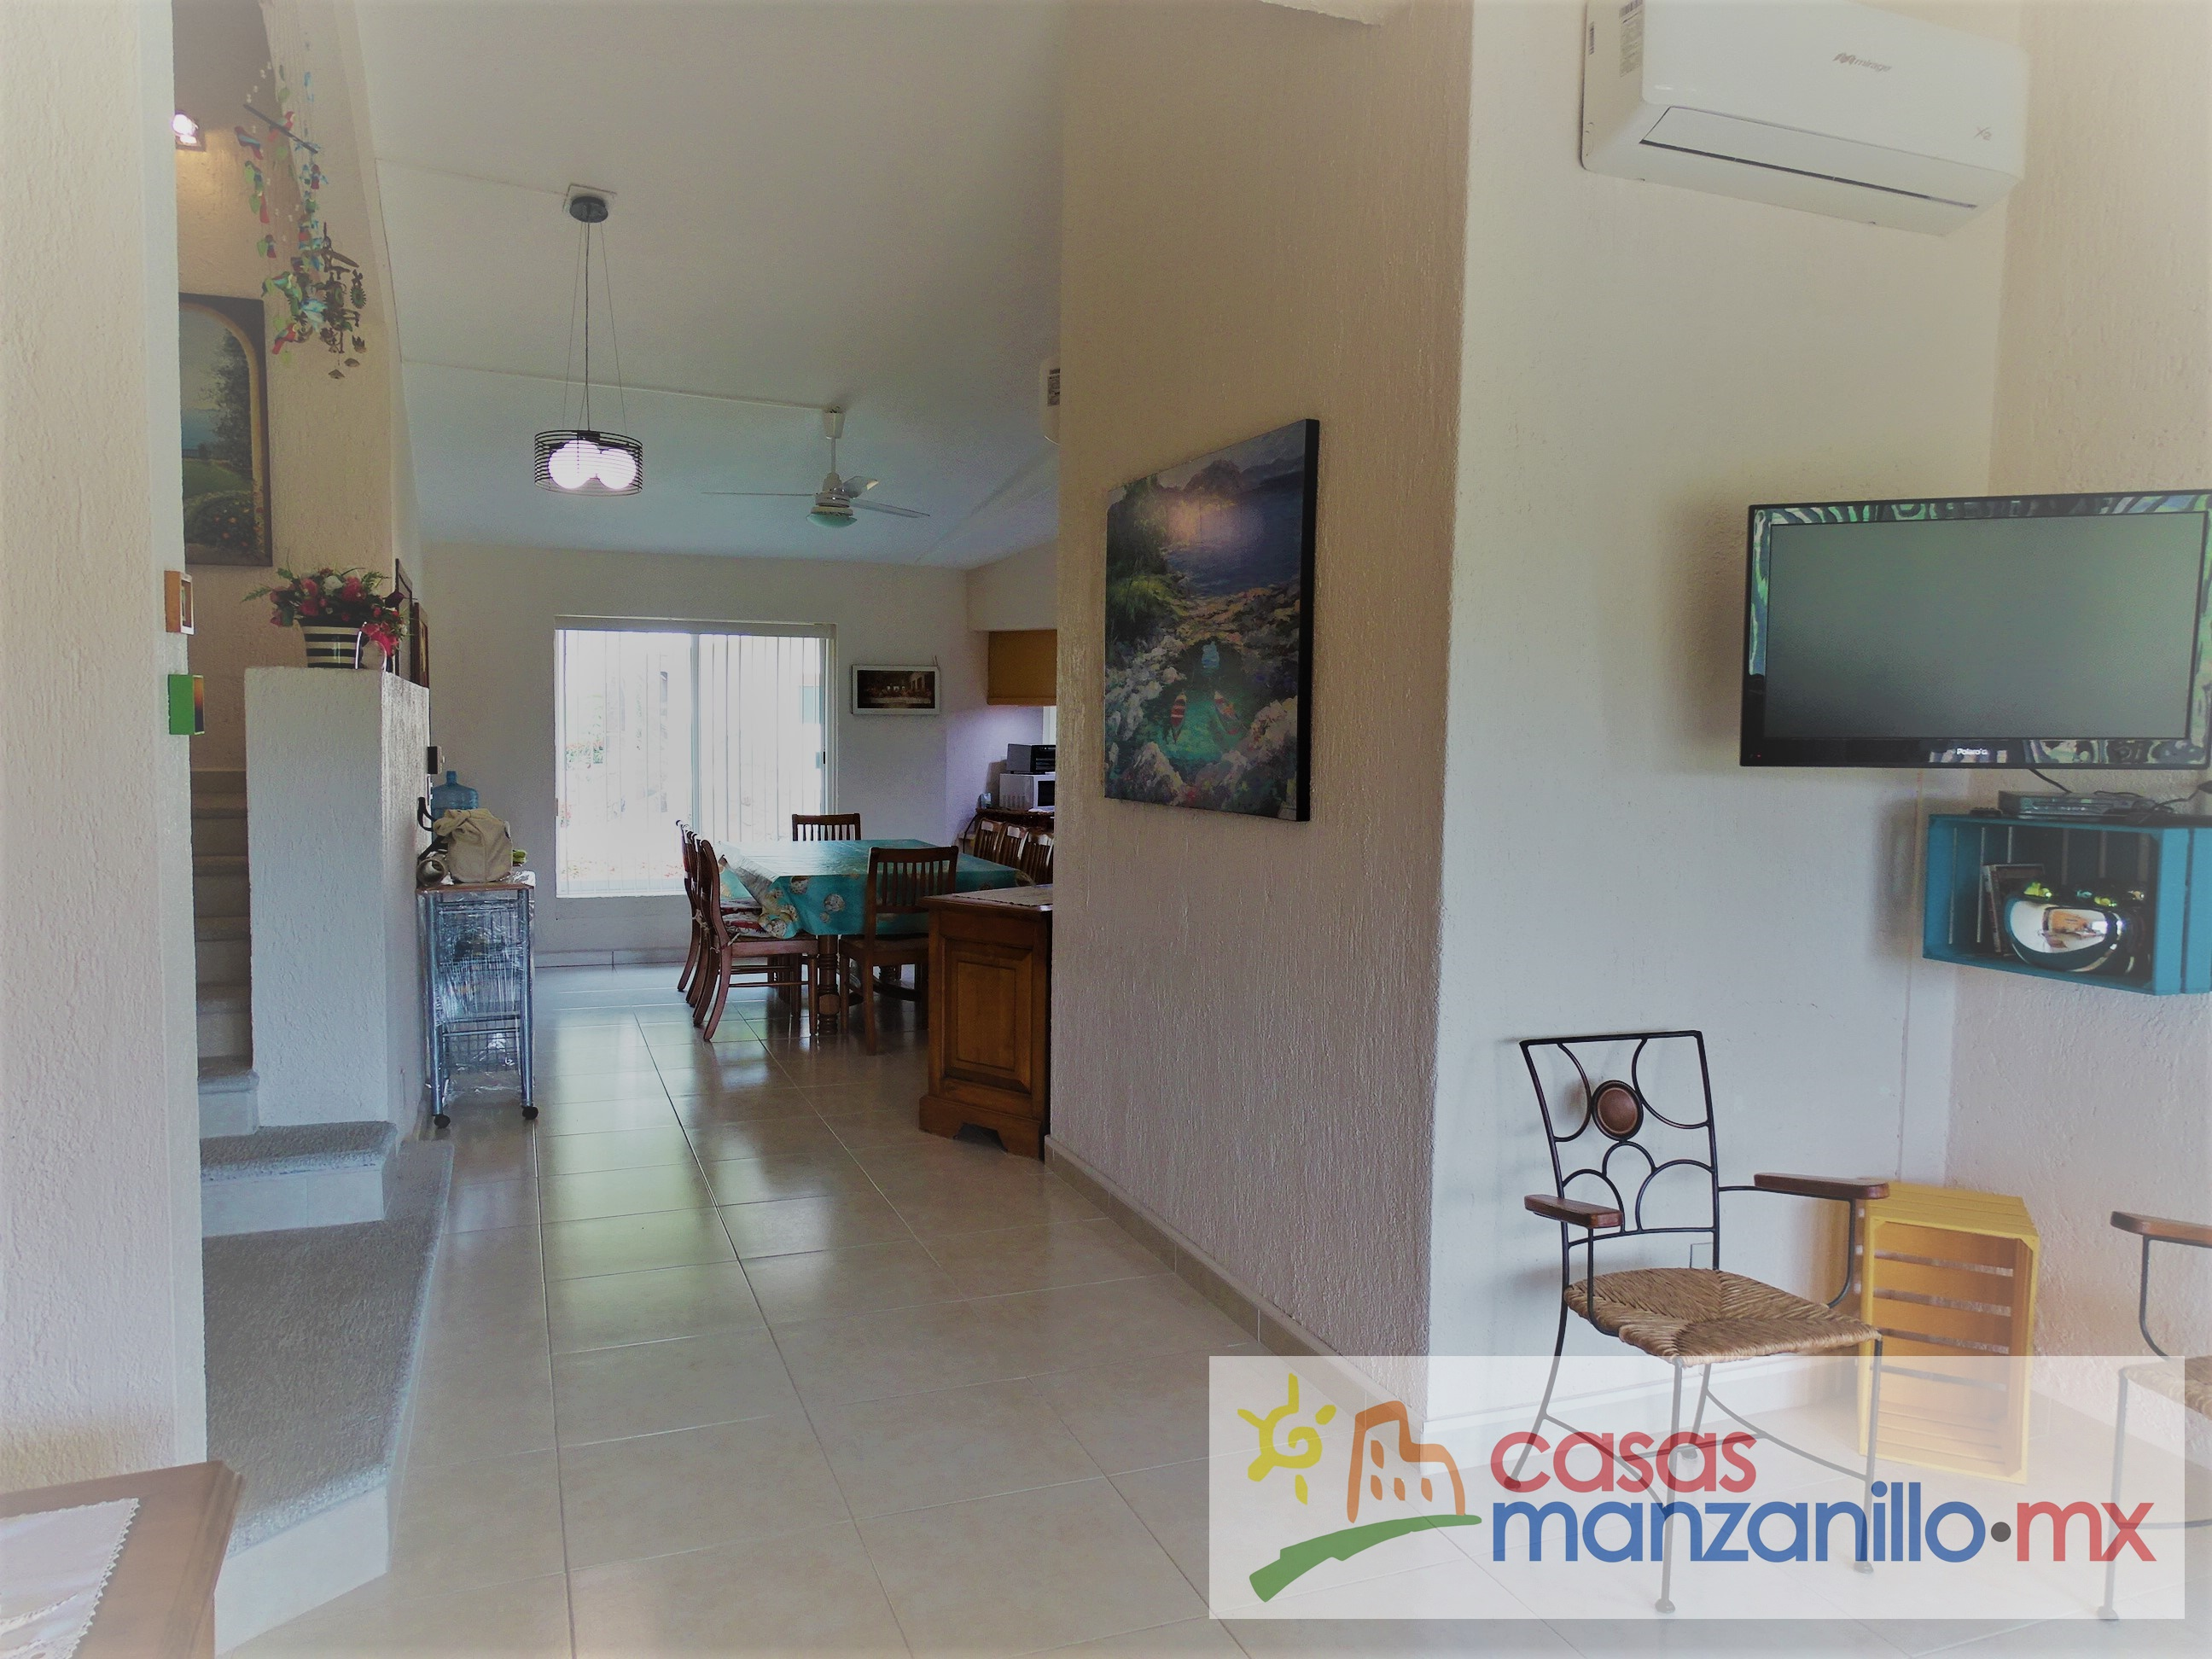 Departamento VENTA Manzanillo  - Villas del Palmar (14)